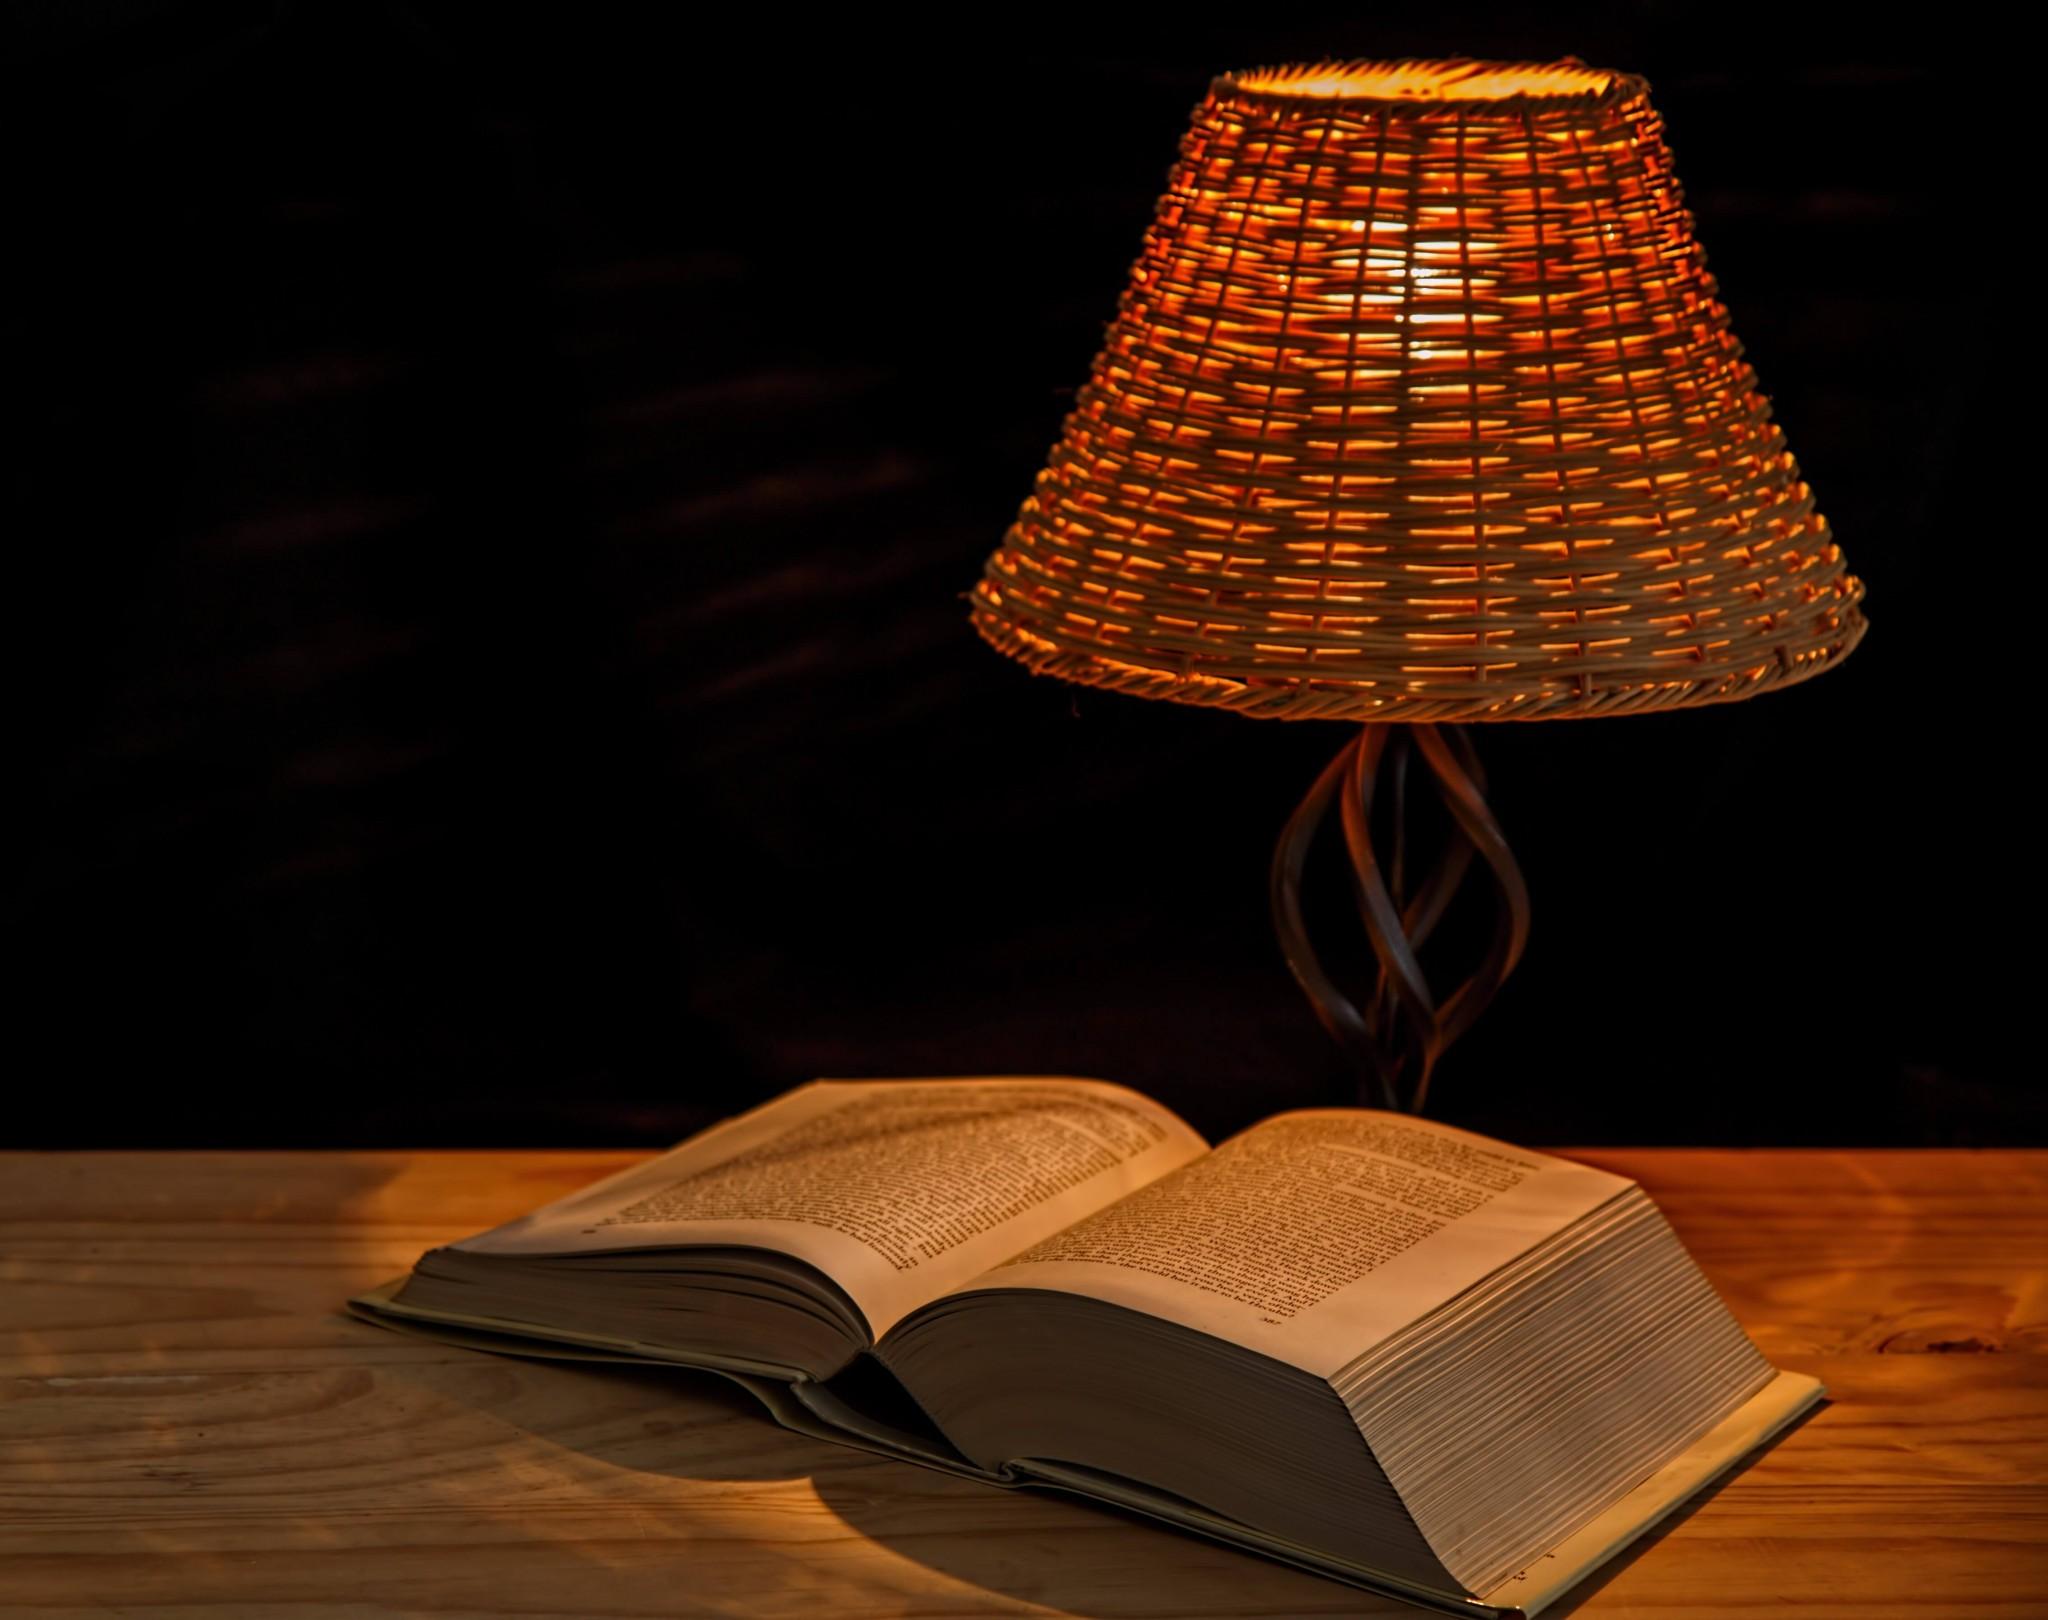 明かりに照らされた本